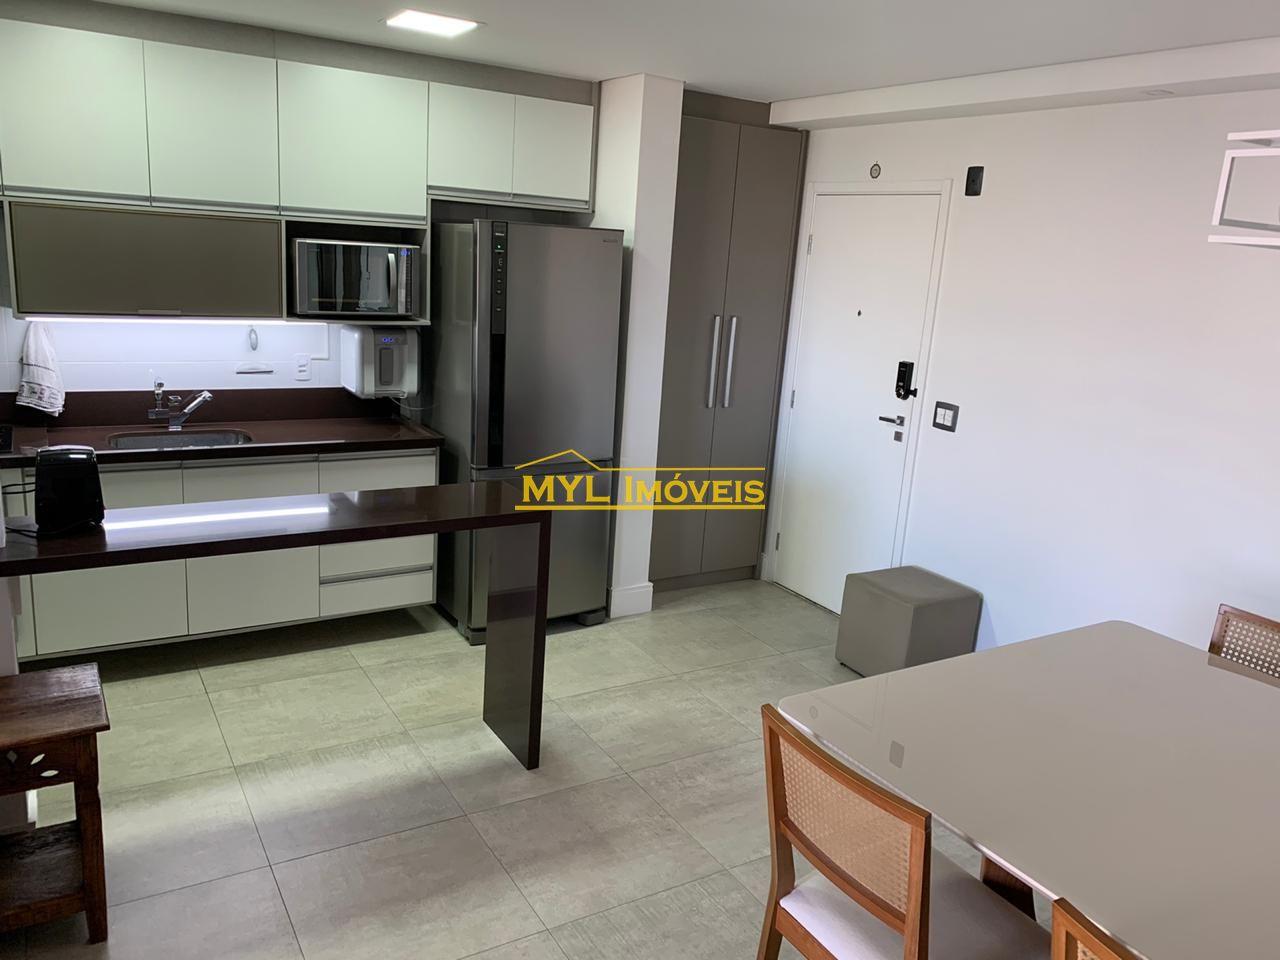 Apartamento à venda  no Jardim São Caetano - Sao Caetano do Sul, SP. Imóveis